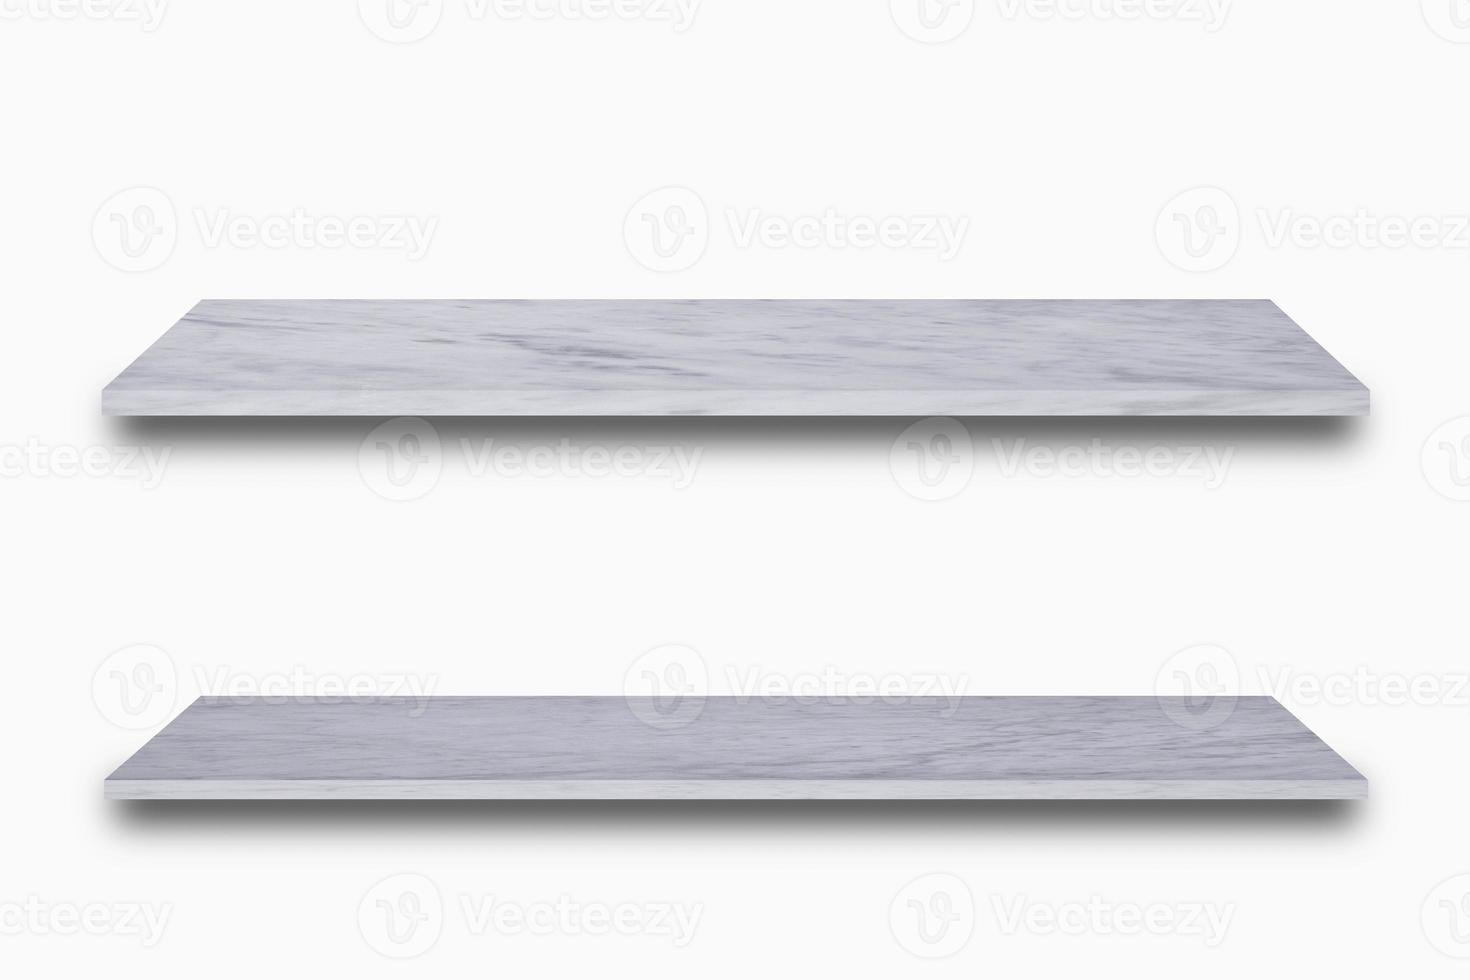 duas prateleiras de mármore em fundo branco foto